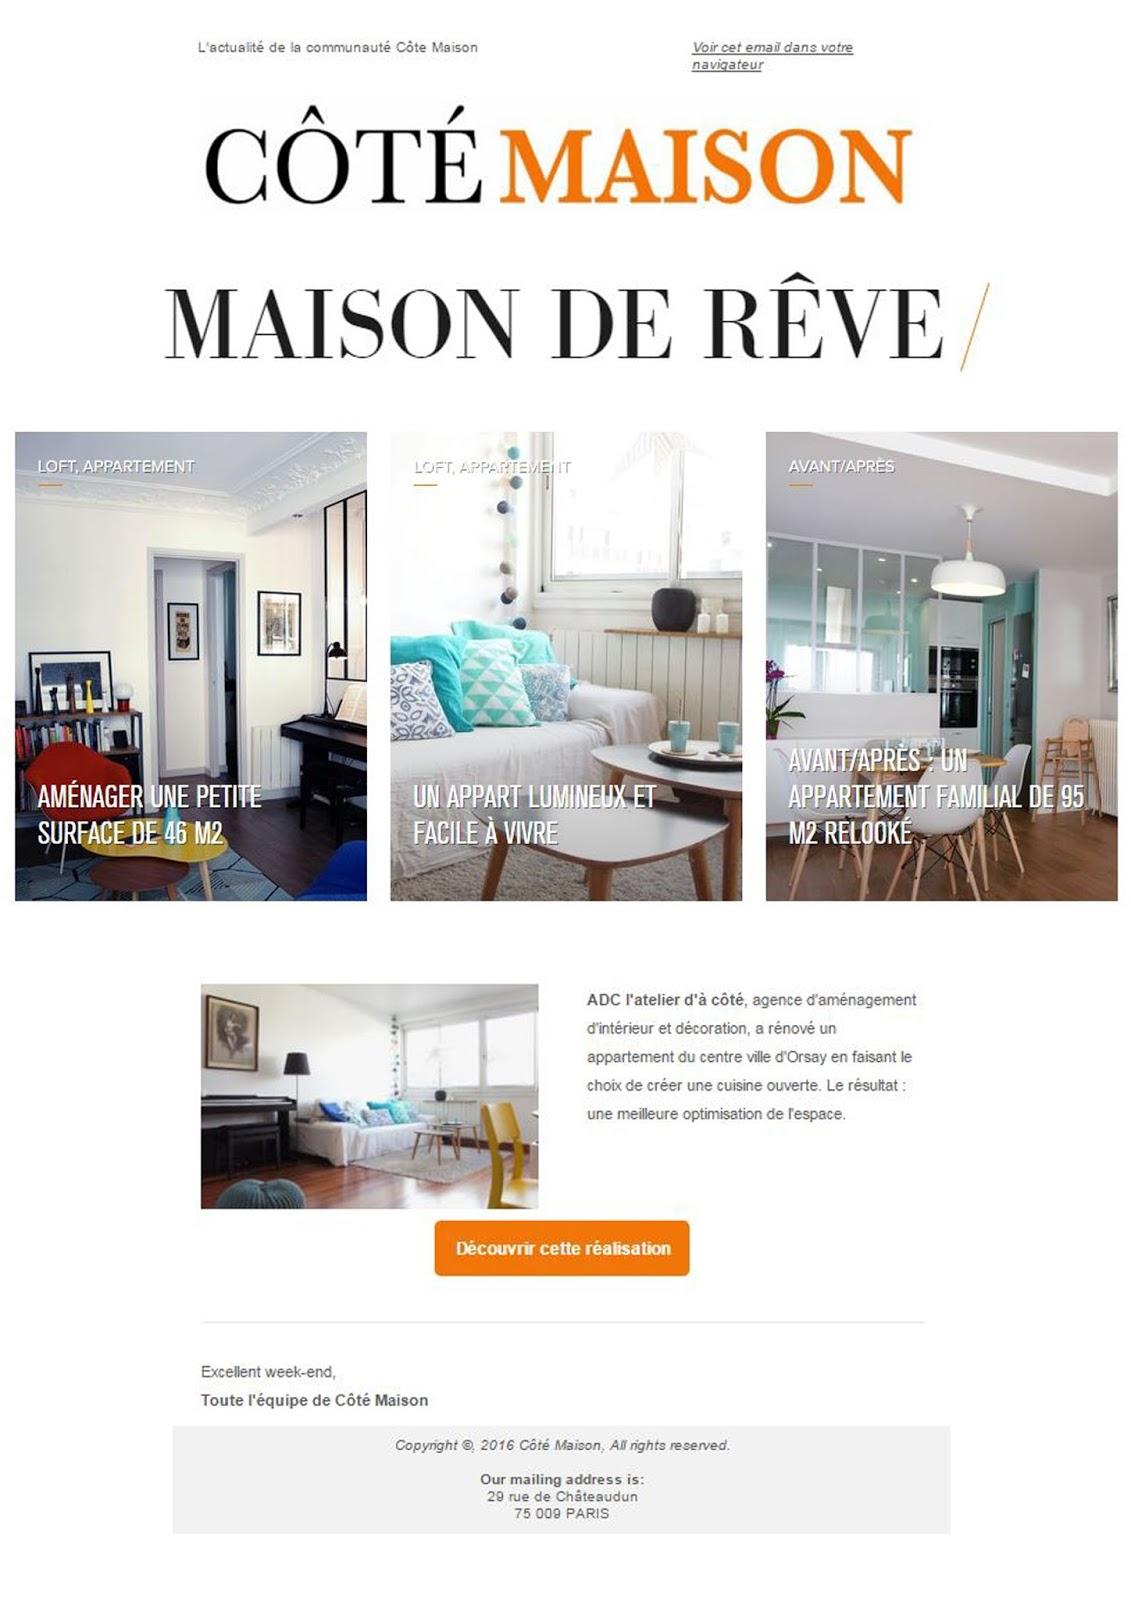 adc l 39 atelier d 39 c t am nagement int rieur design d 39 espace et d coration le site c t. Black Bedroom Furniture Sets. Home Design Ideas